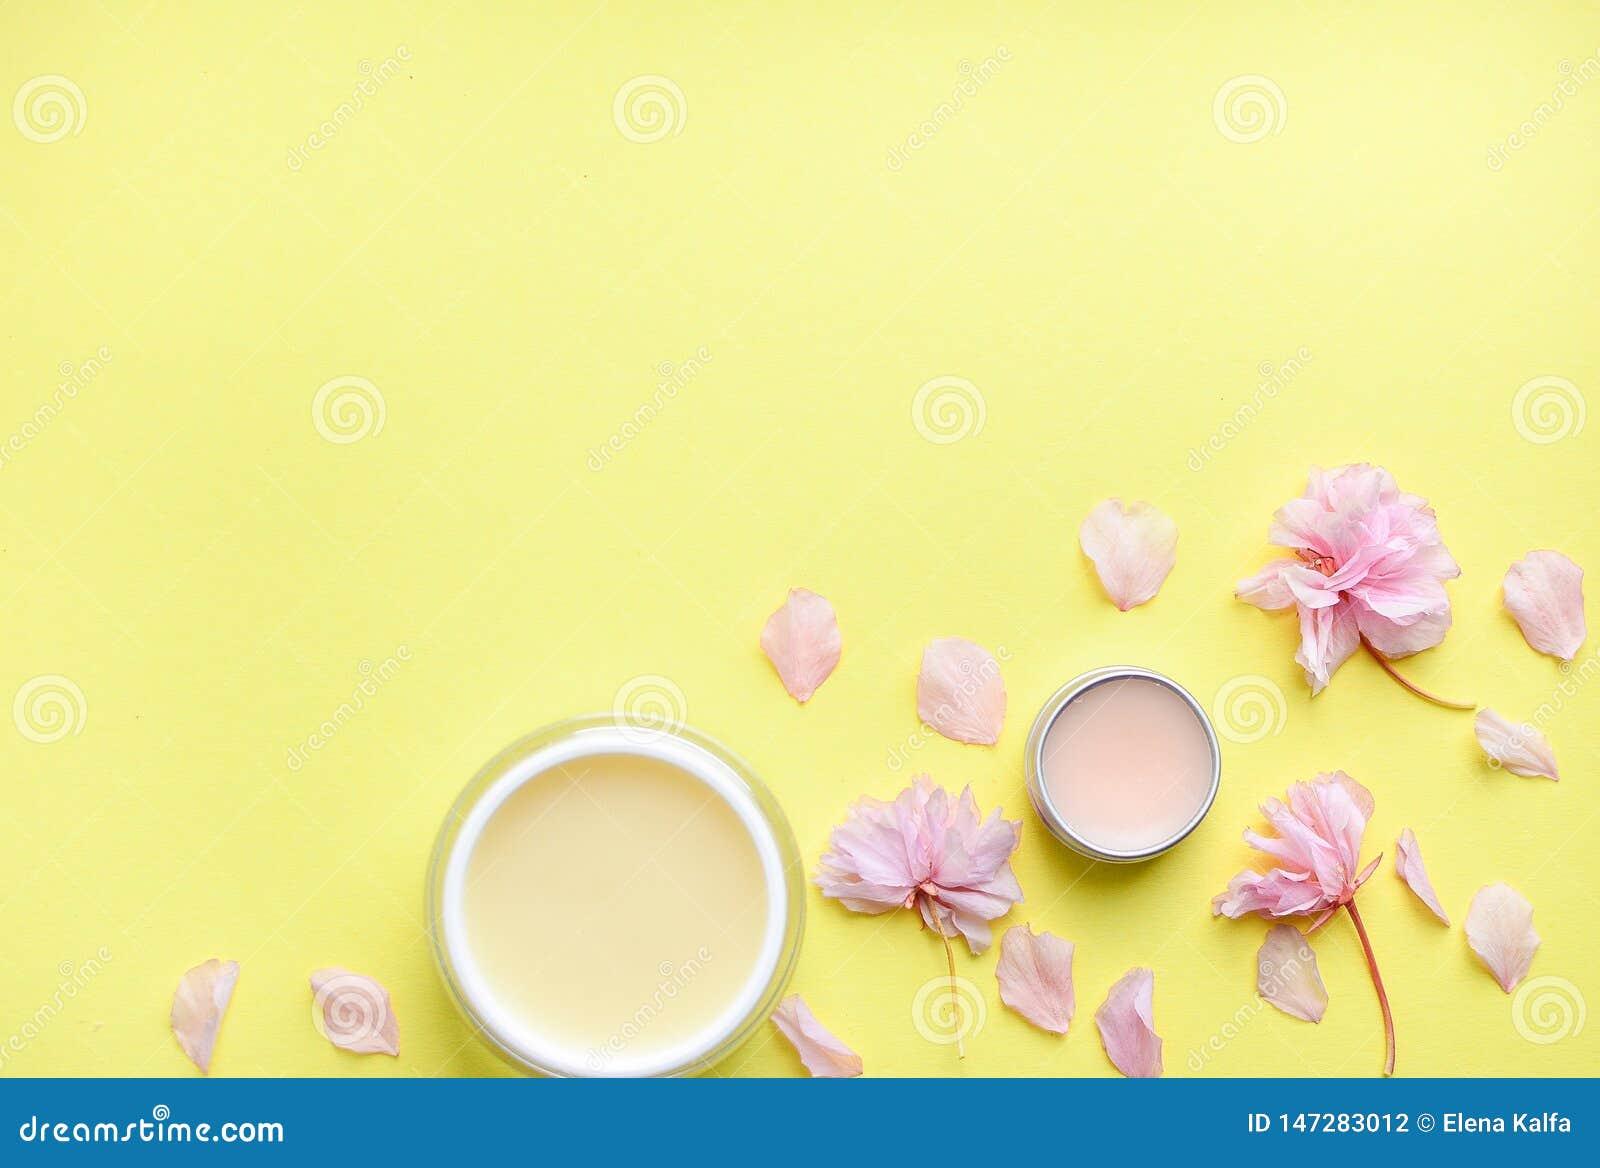 护手霜,在黄色背景的唇膏,花瓣 文本的空间